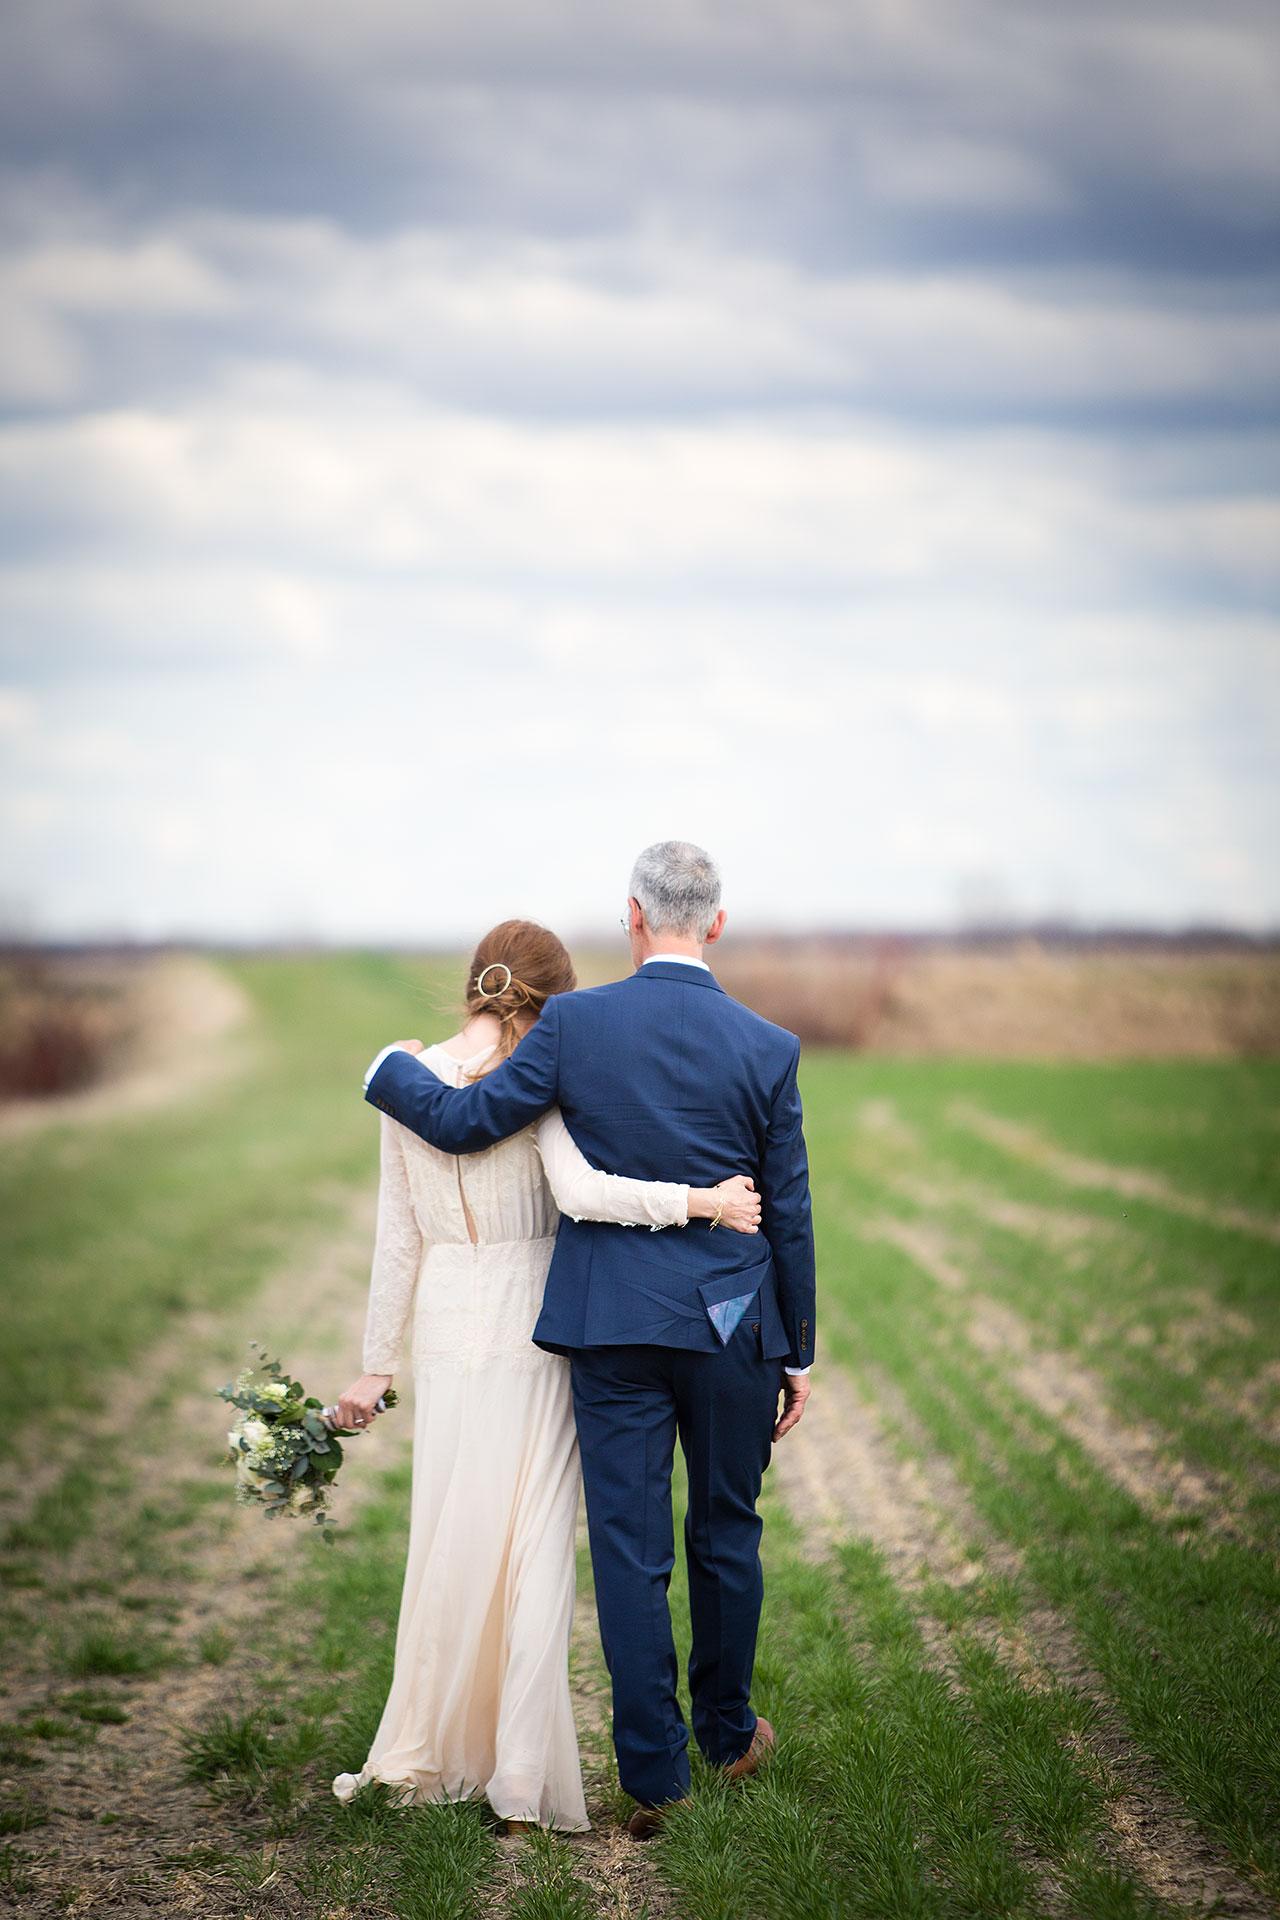 dbp_mariage0061